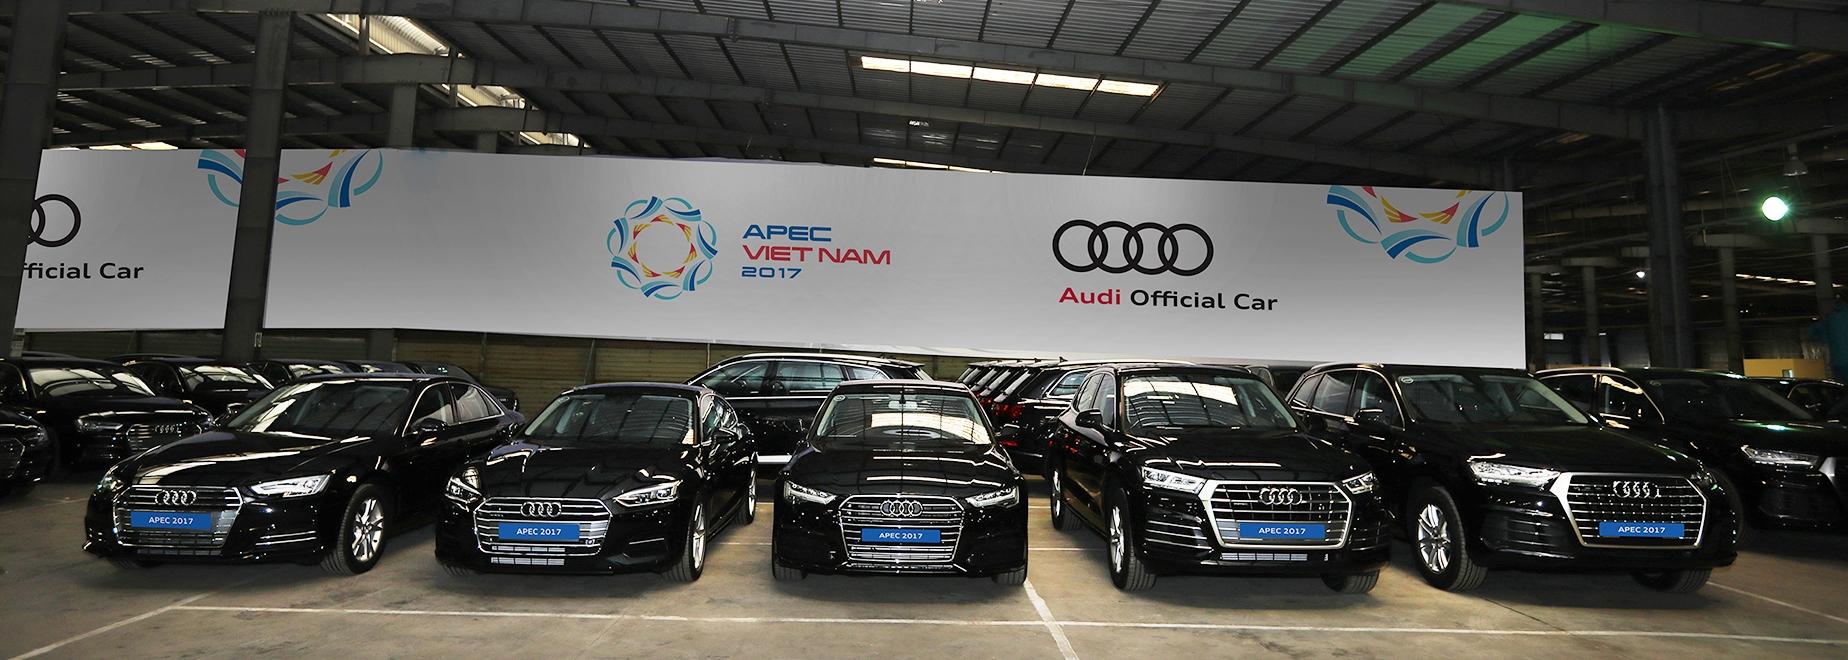 Audi-tiep-tuc-giao-xe-phien-ban-gioi-han-phuc-vu-APEC-tai-Da-Nang-anh-2